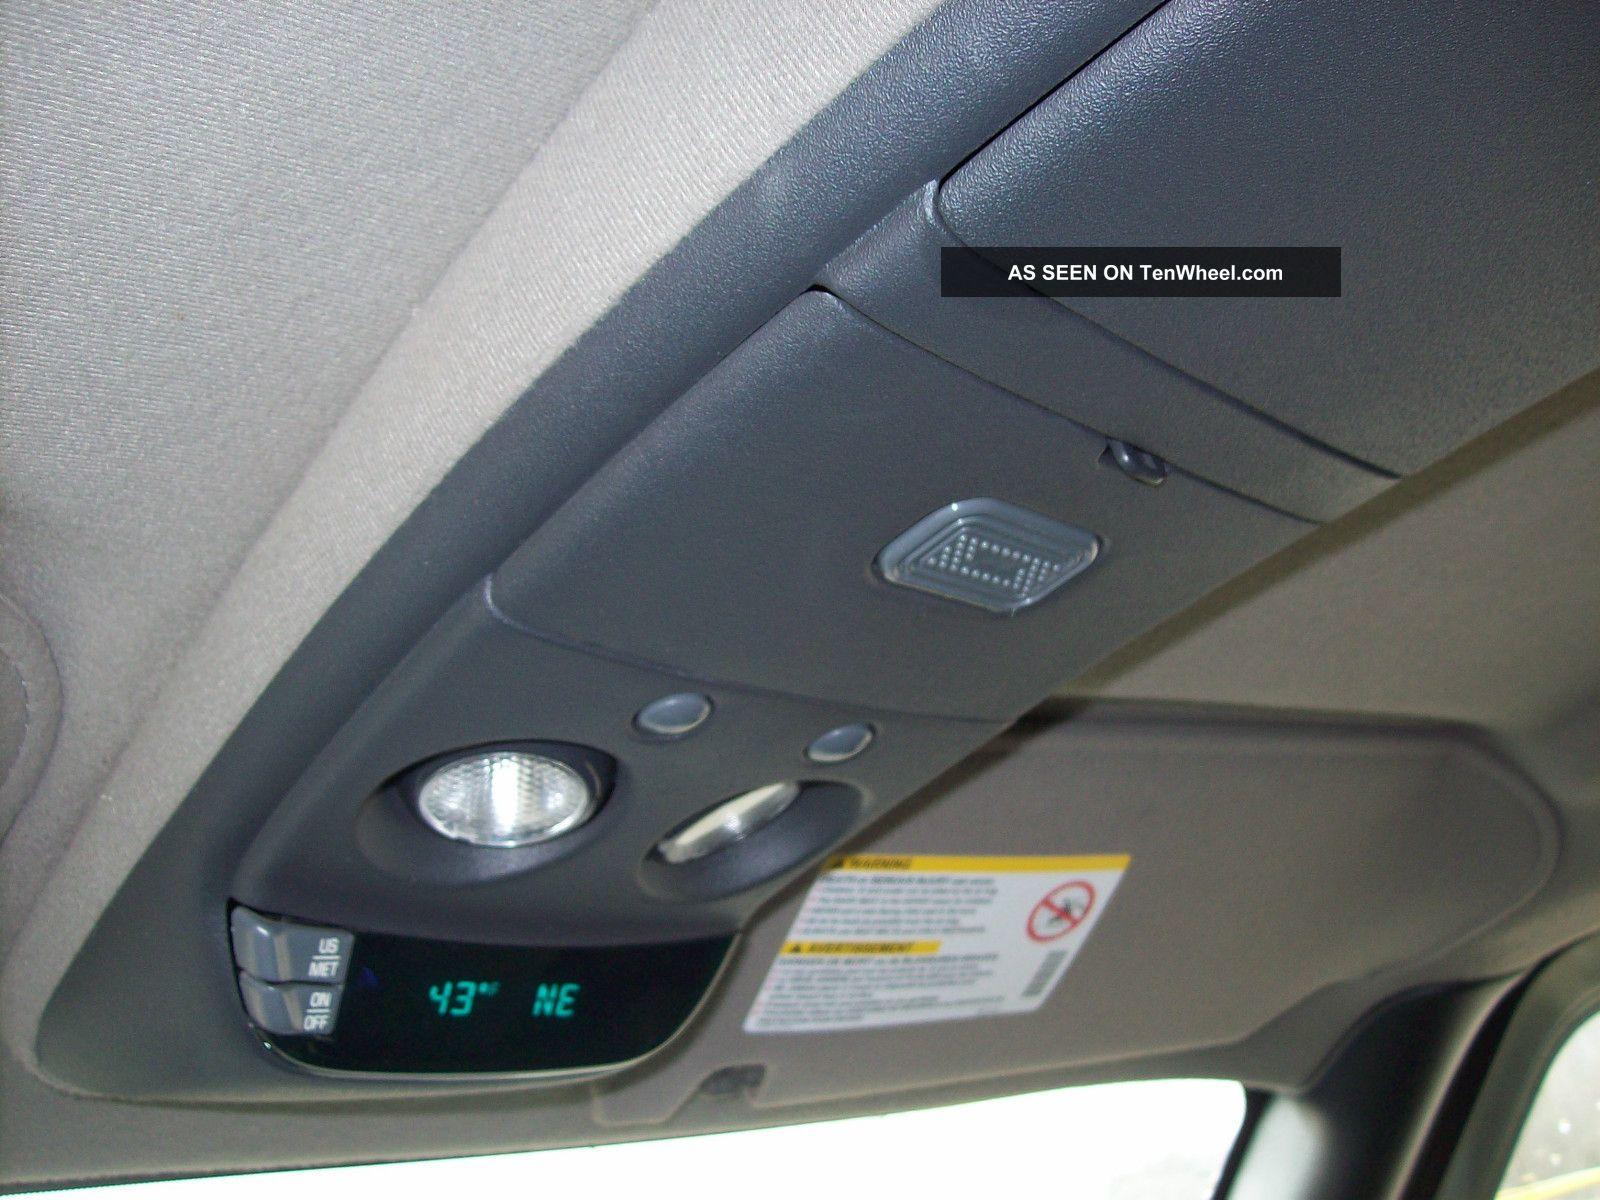 2004 Gmc Sonoma Sls Crew Cab Pickup 4 Door 4. 3l 4x4 Sonoma photo 11 #4C5B66